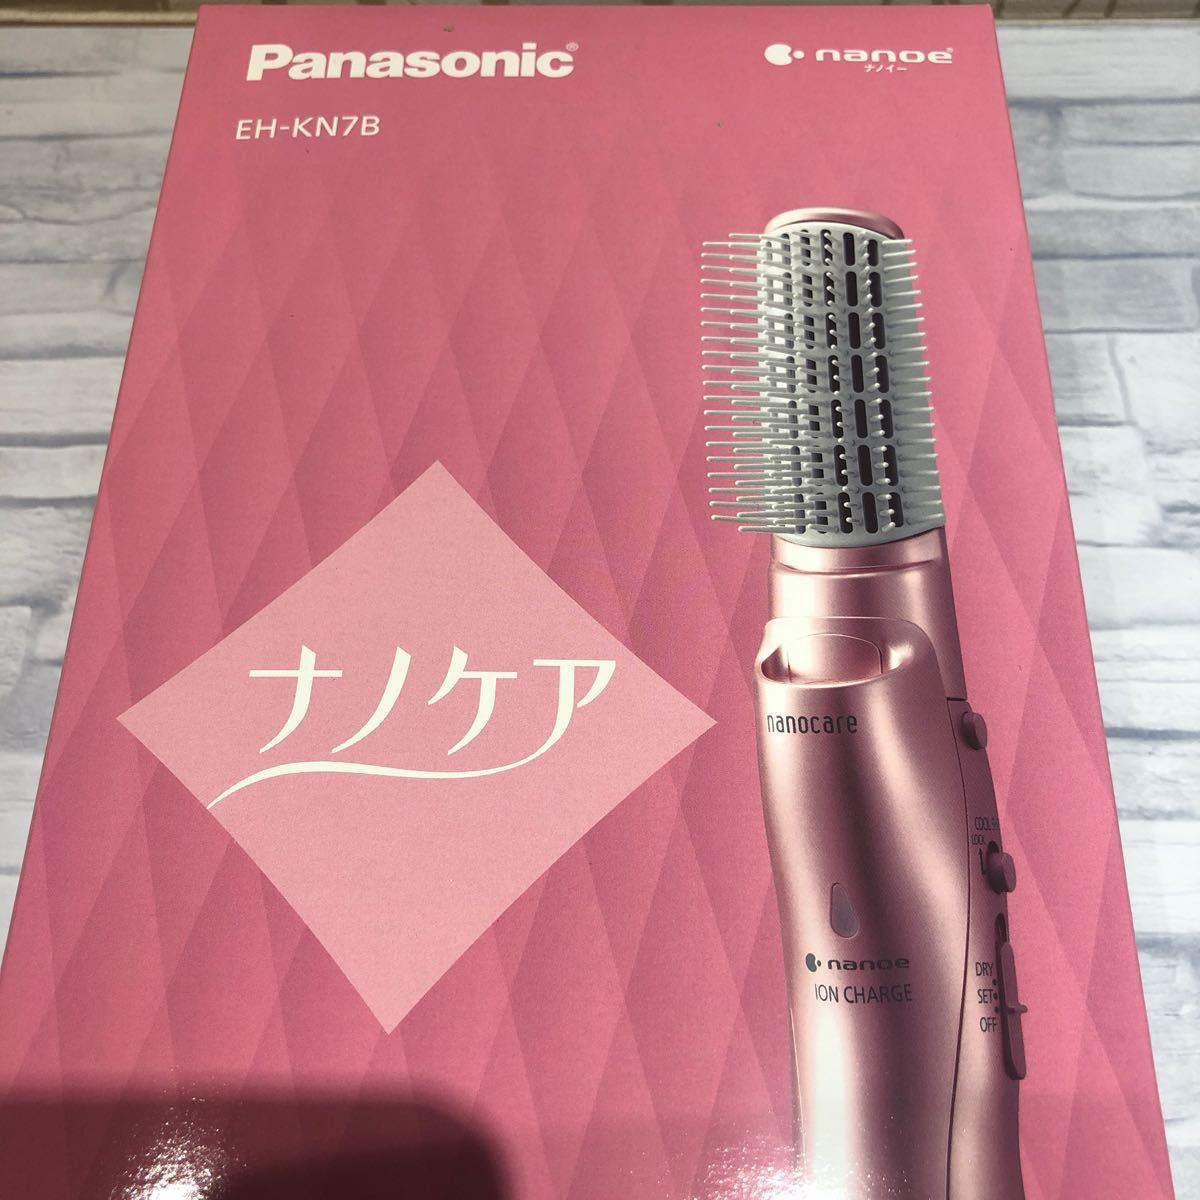 ナノケア くるくるドライヤー EH-KN7B-PP (ペールピンク)パナソニック(Panasonic)